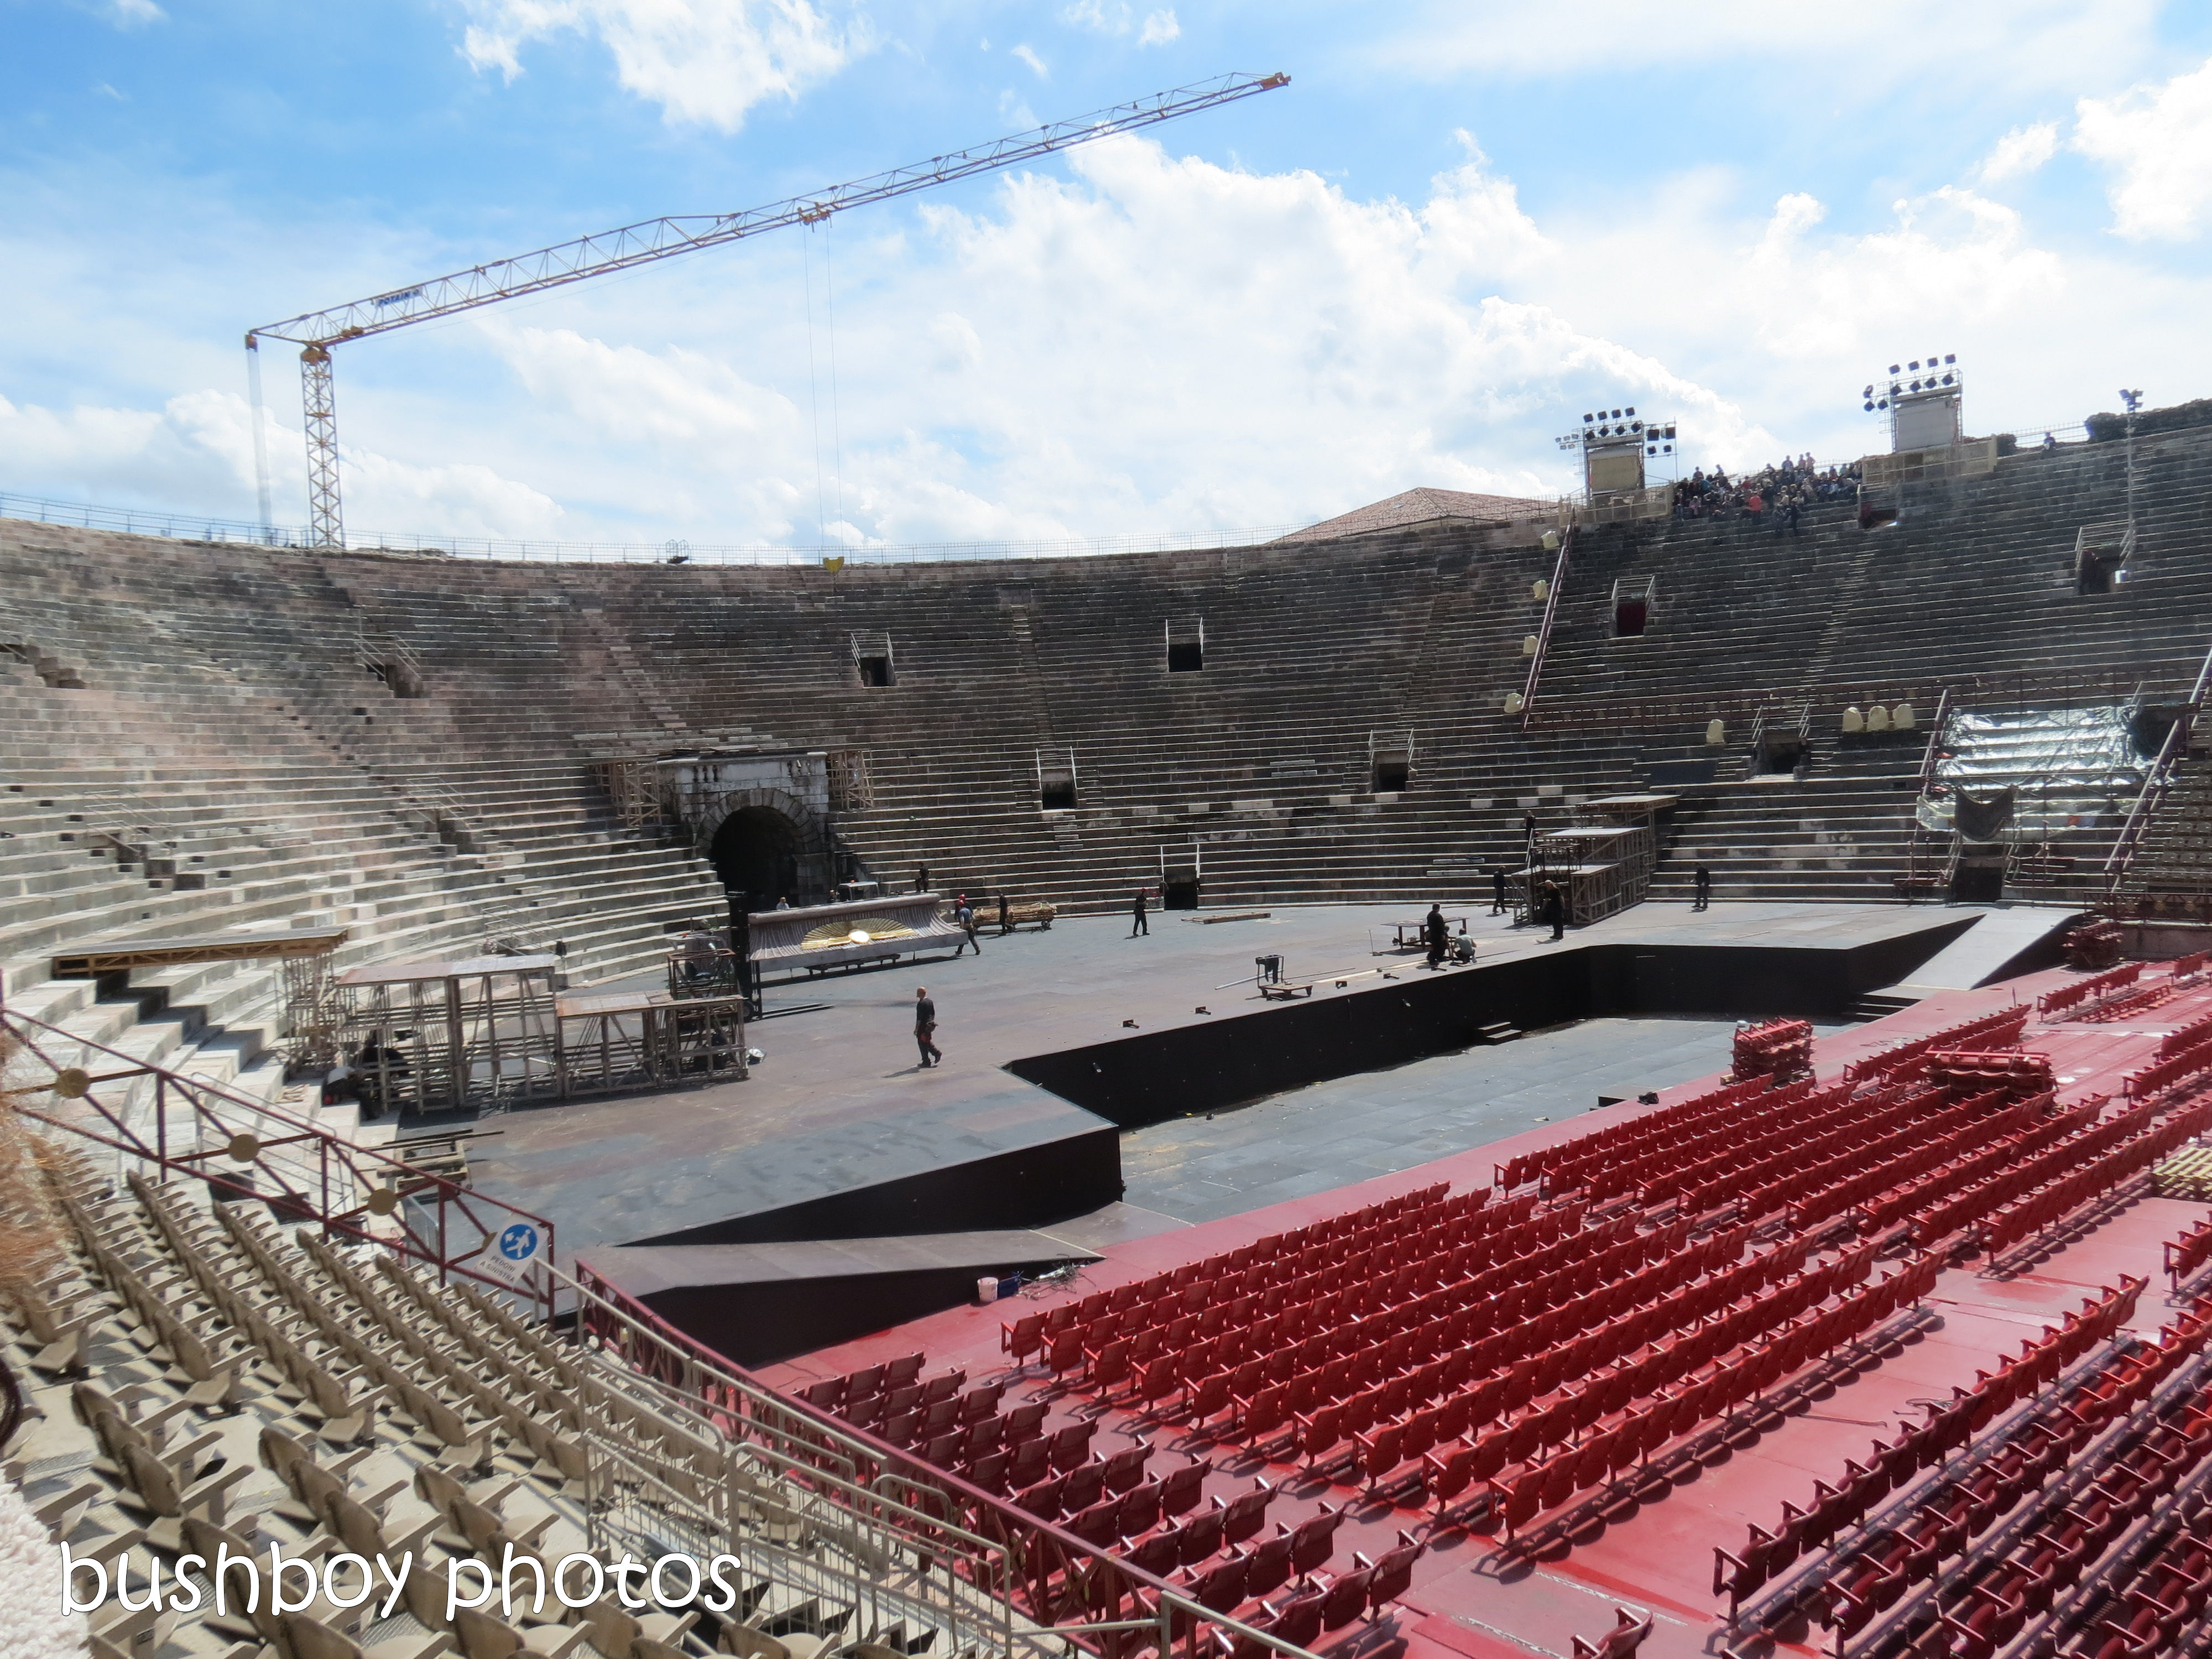 181120_blog challenge_from_above_below_arena_verona